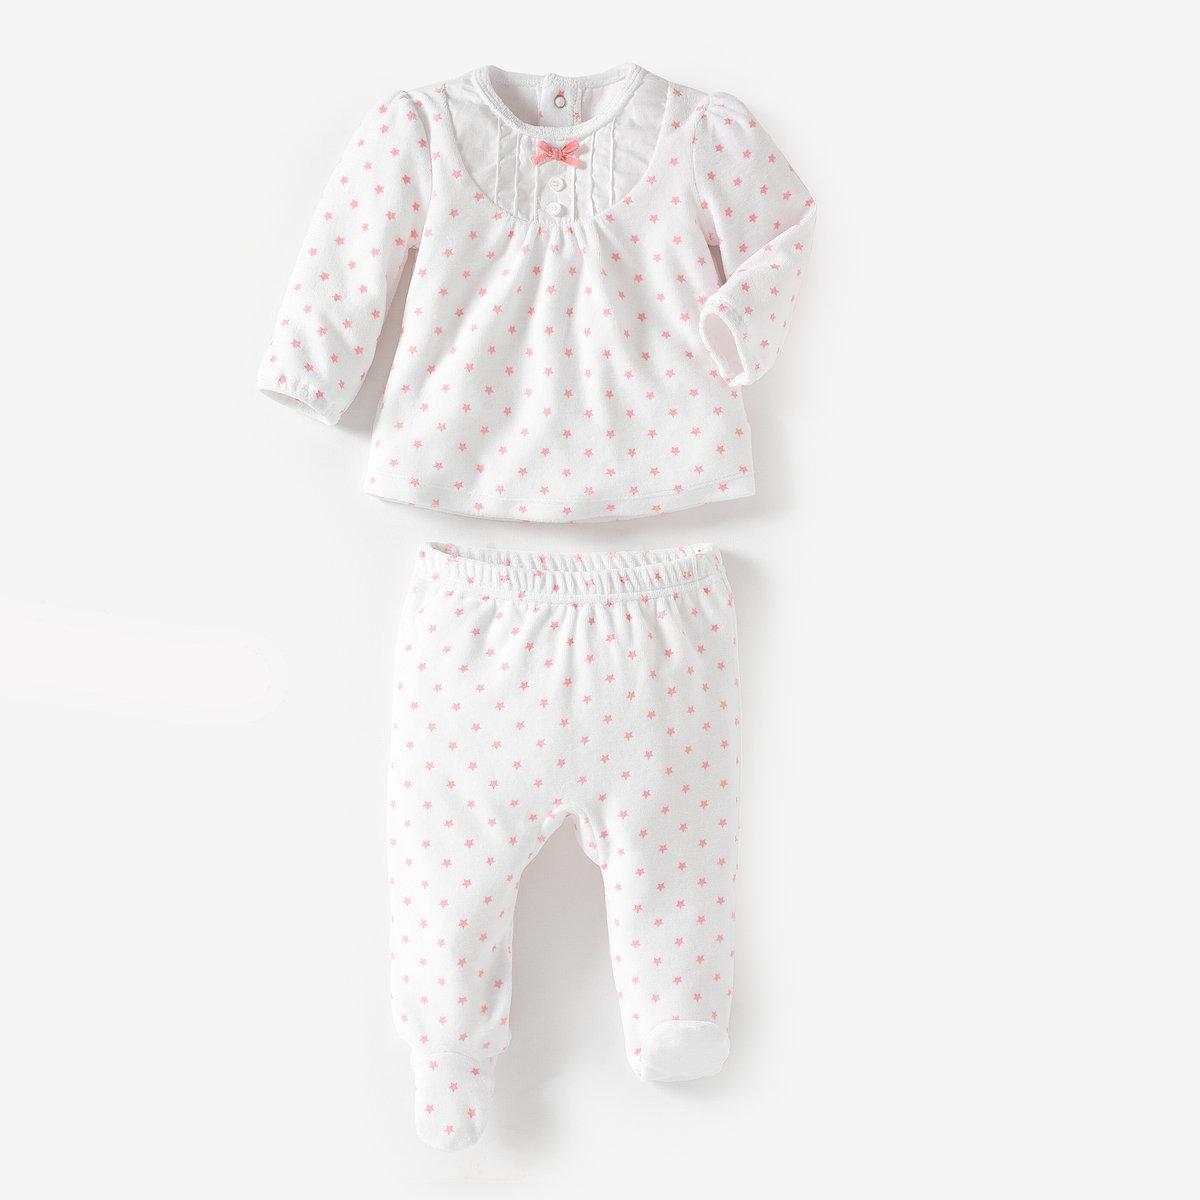 Пижама раздельная из велюра 0 мес-3 лет от La Redoute